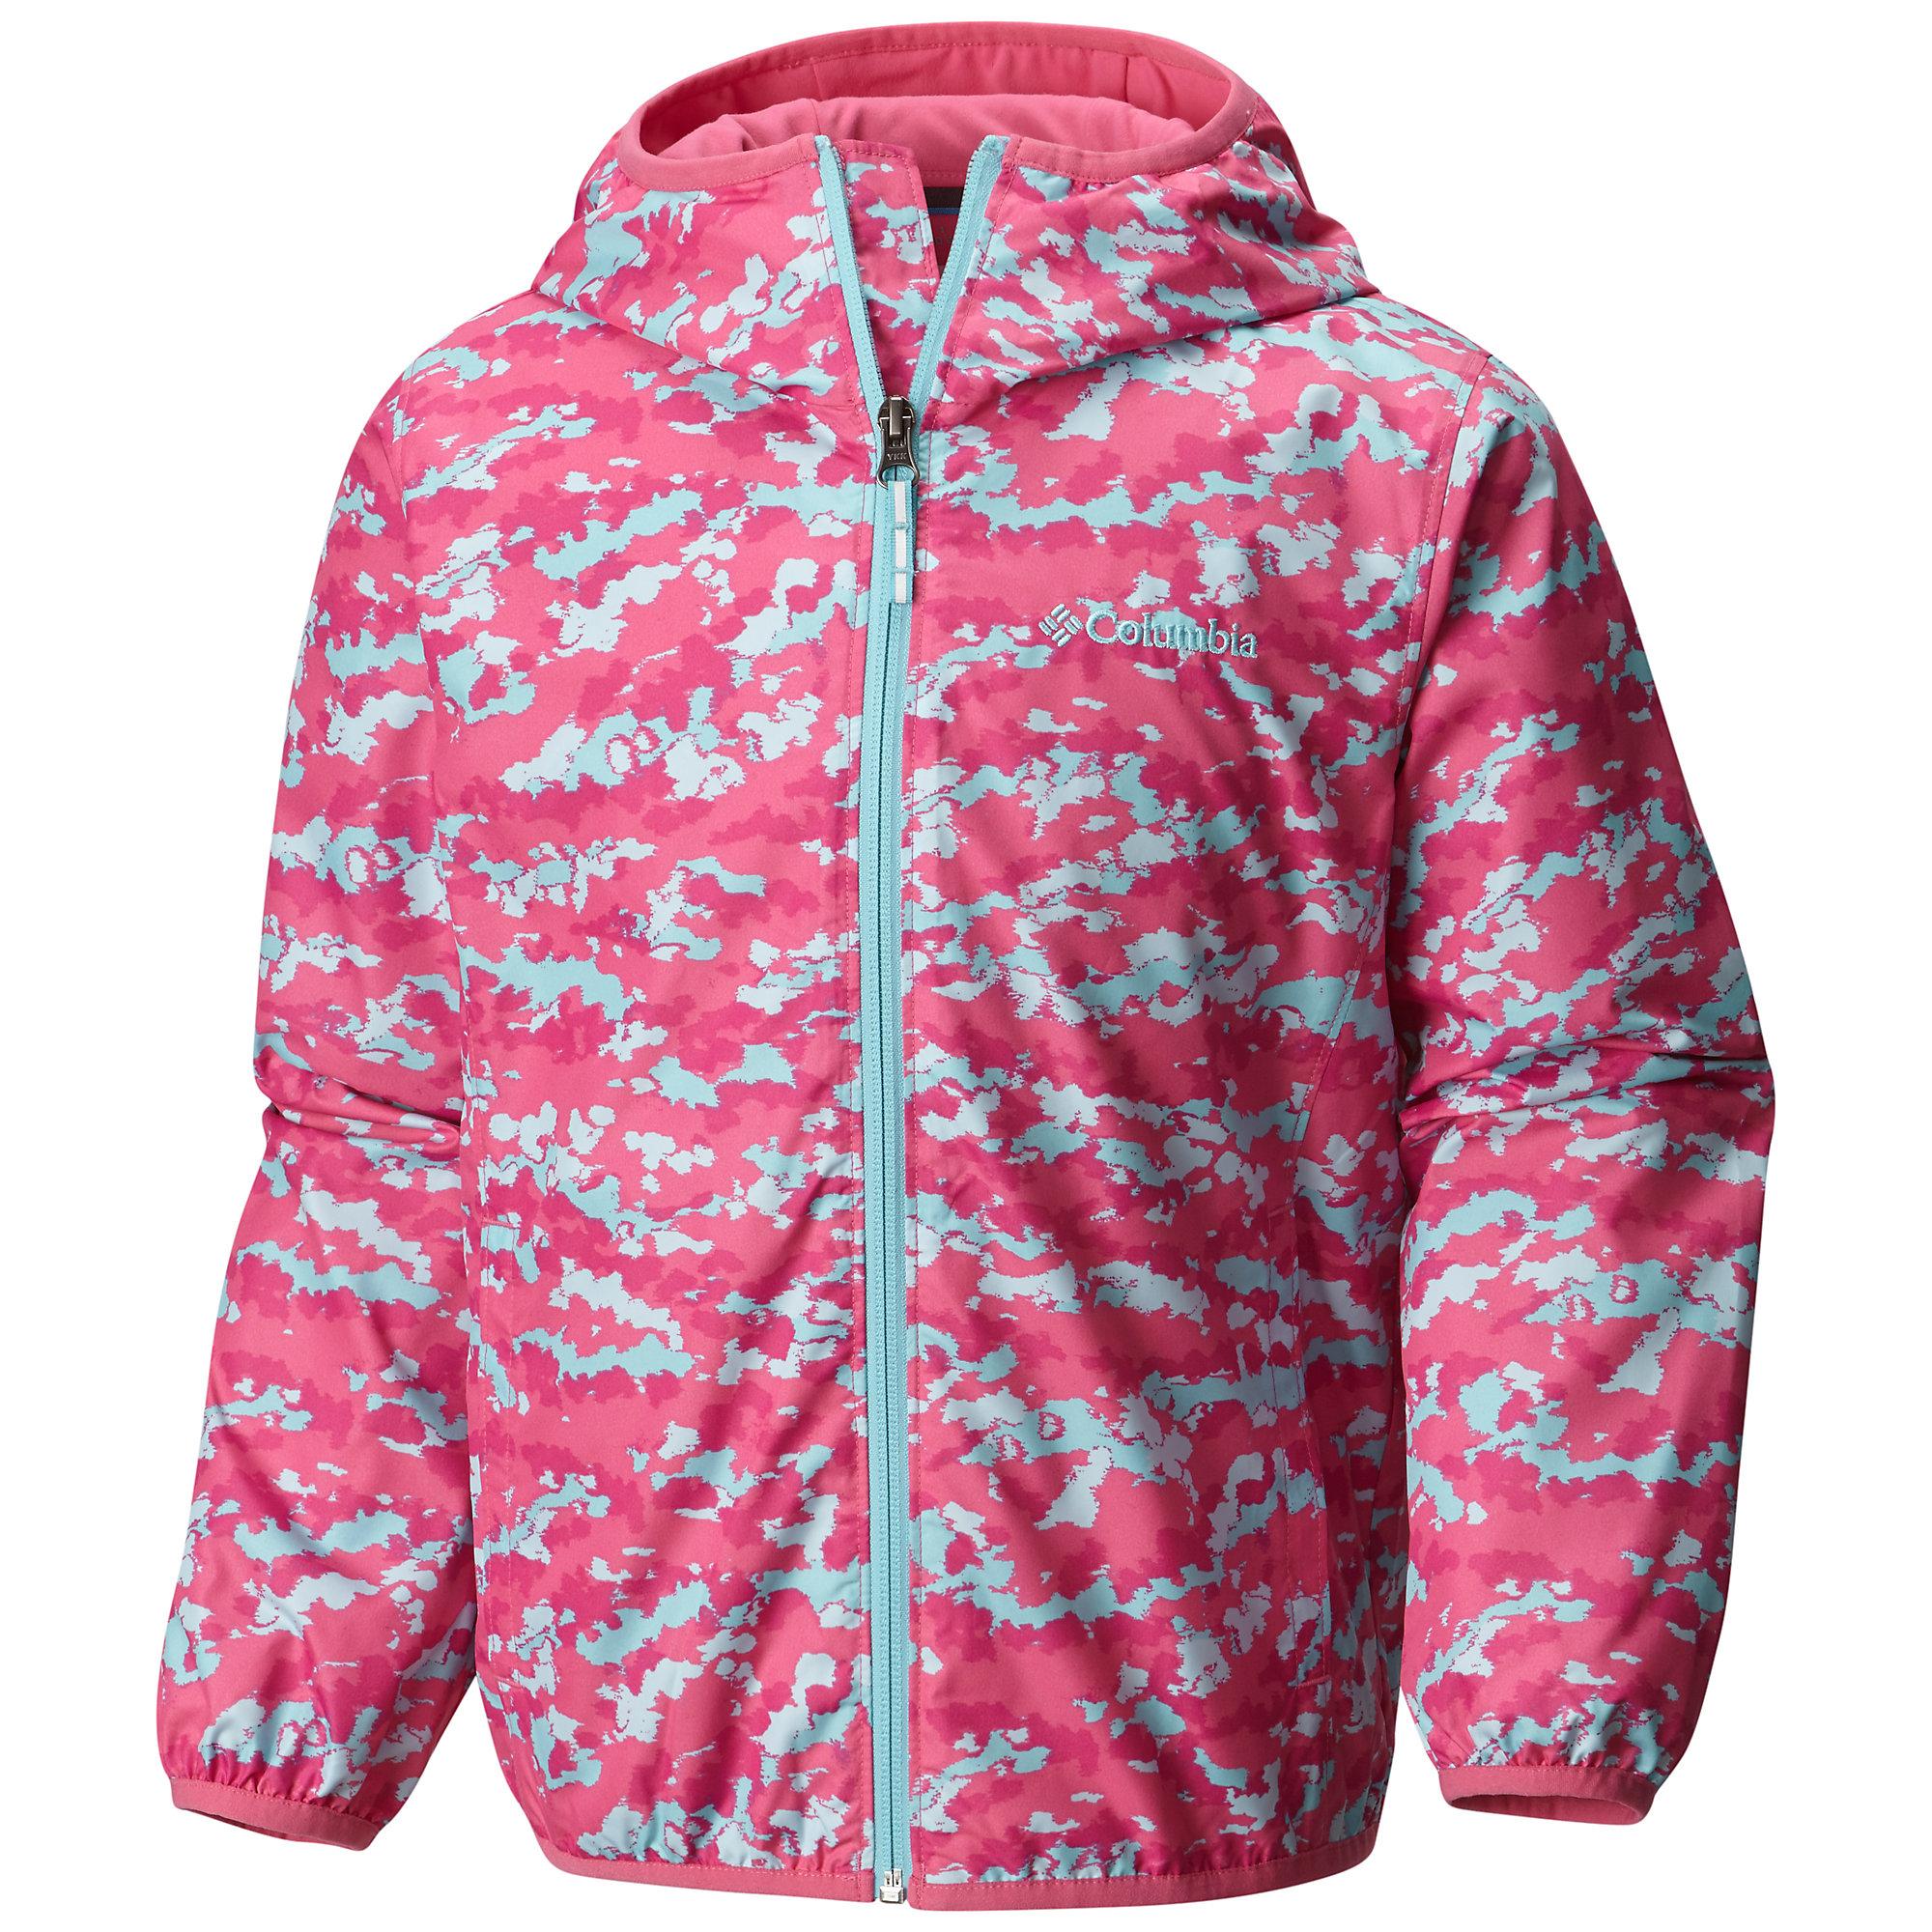 Columbia Pixel Grabber II Wind Jacket